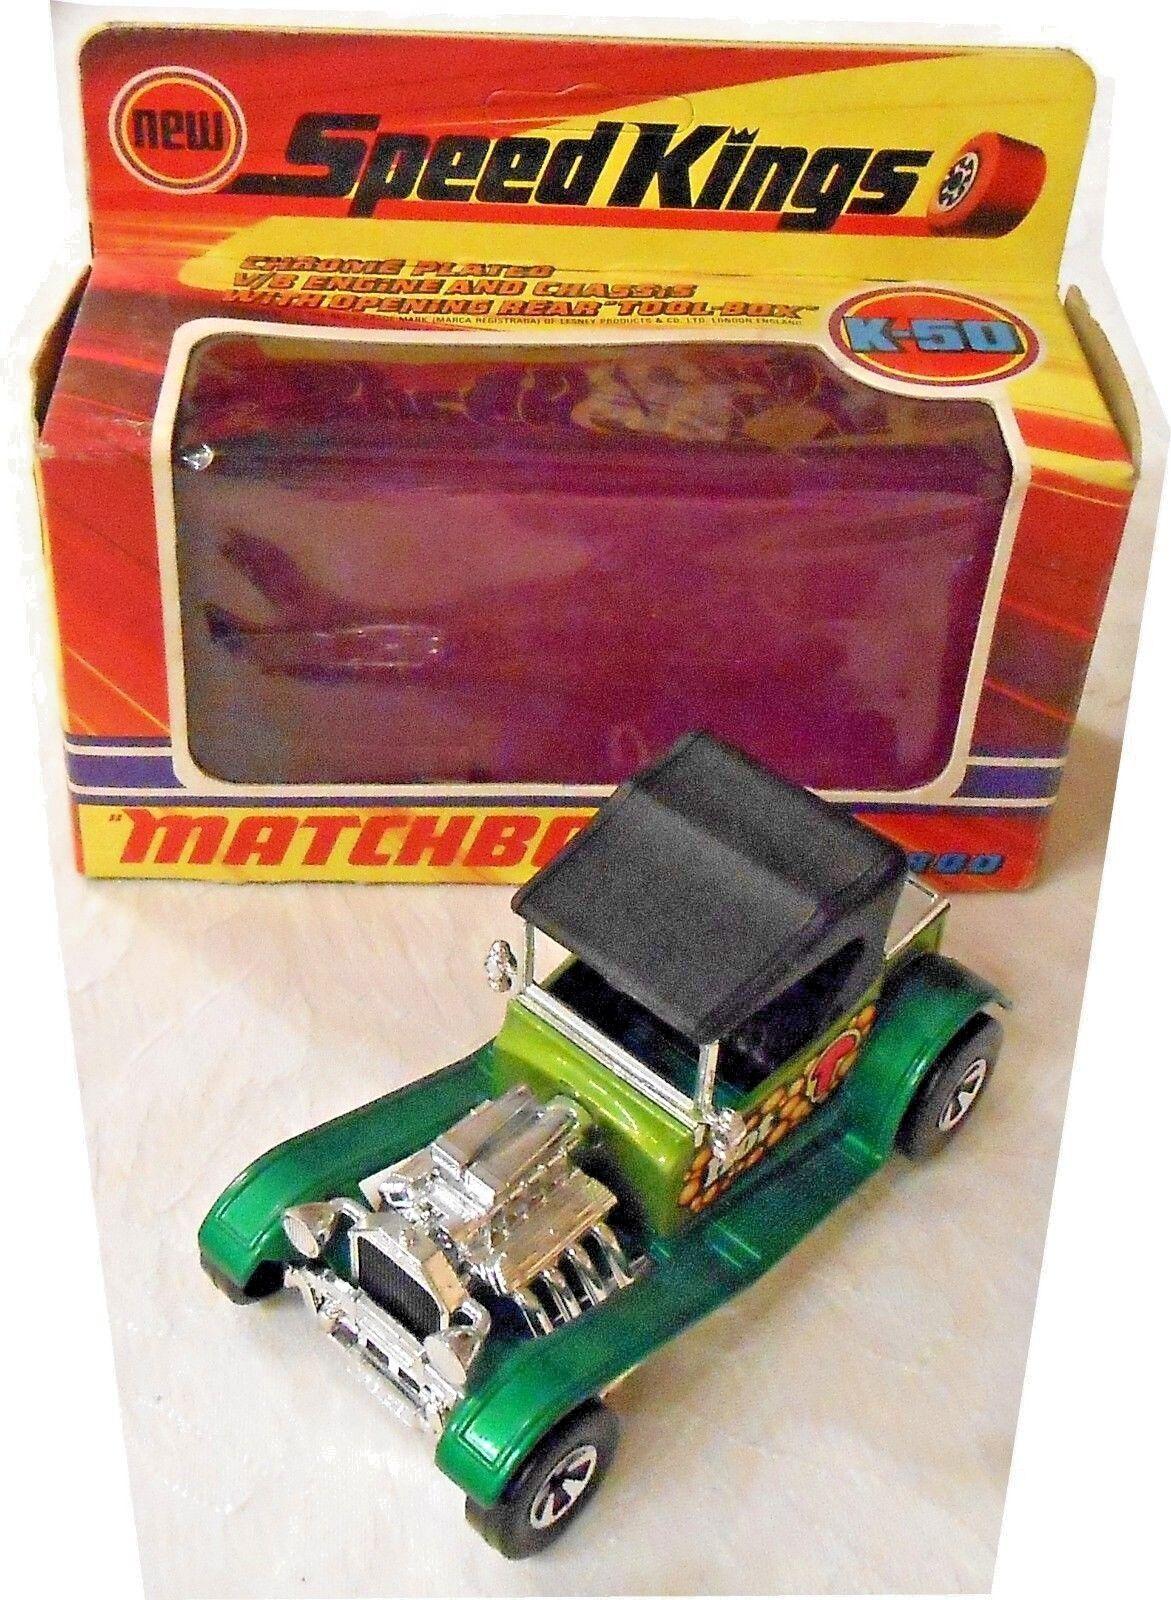 Matchbox Speed Kings K-50 Street Rod, ca 1 40, mb